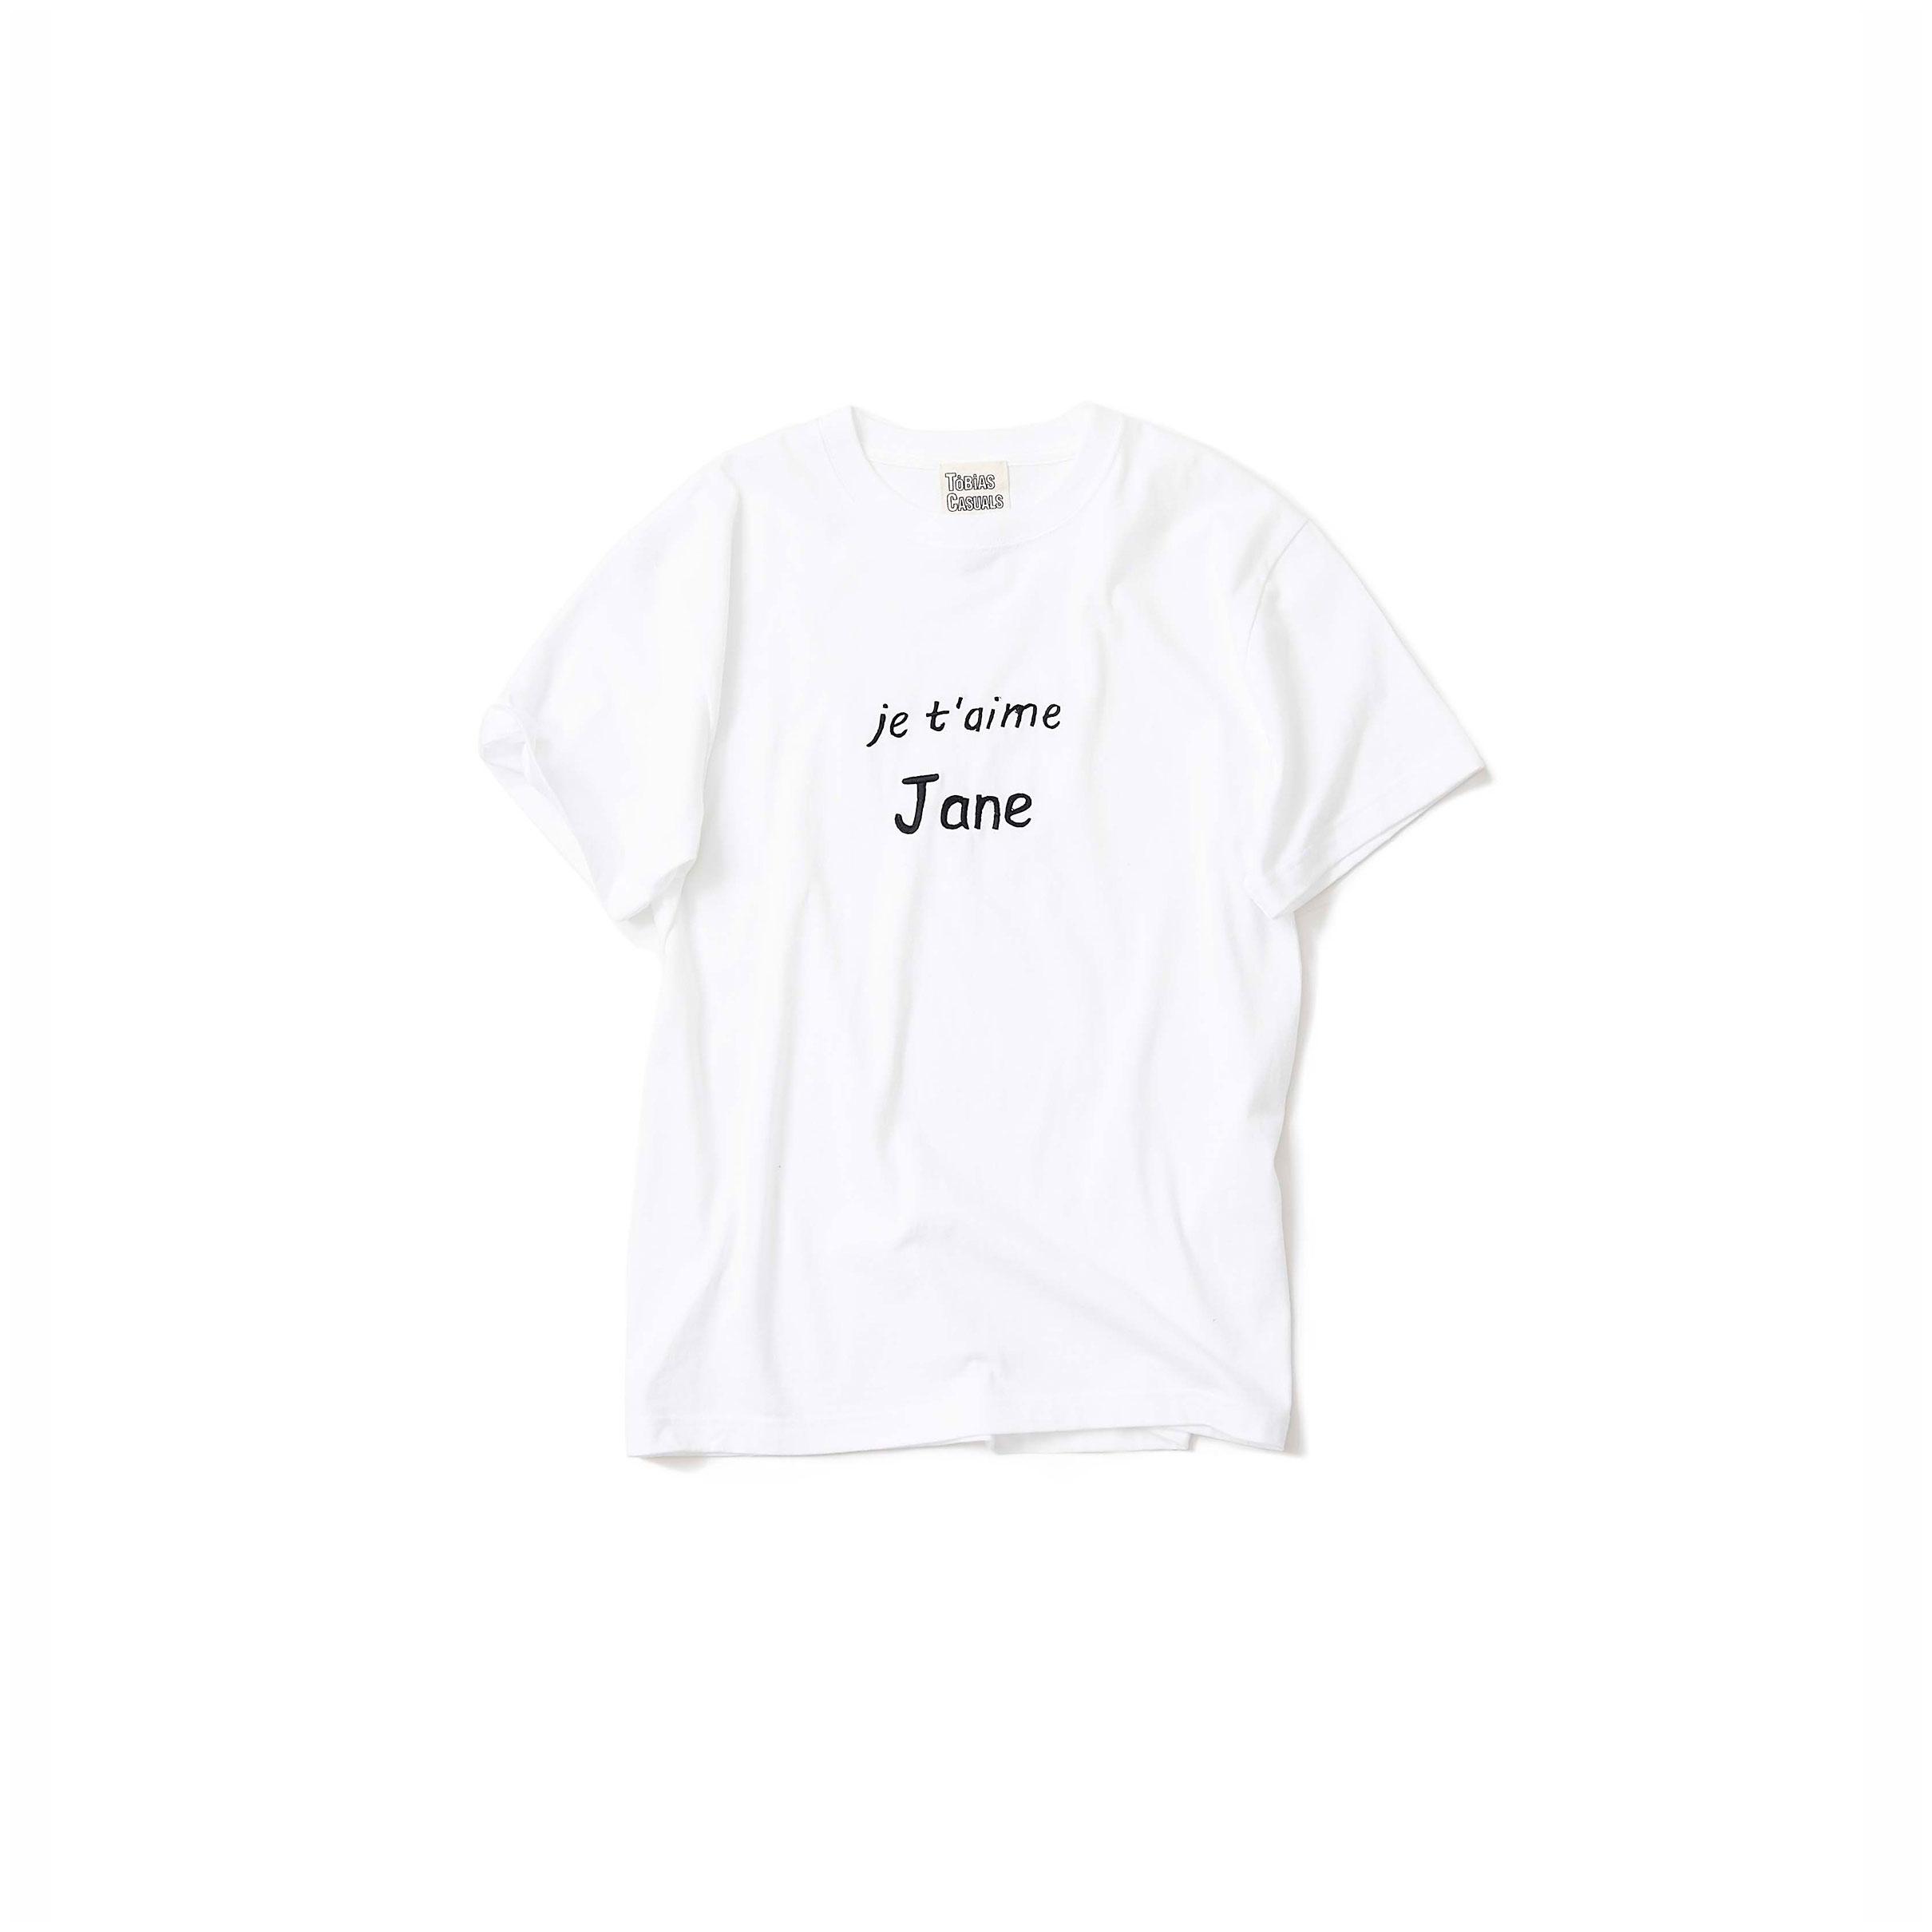 Je t'aime Jane Tシャツ @2021